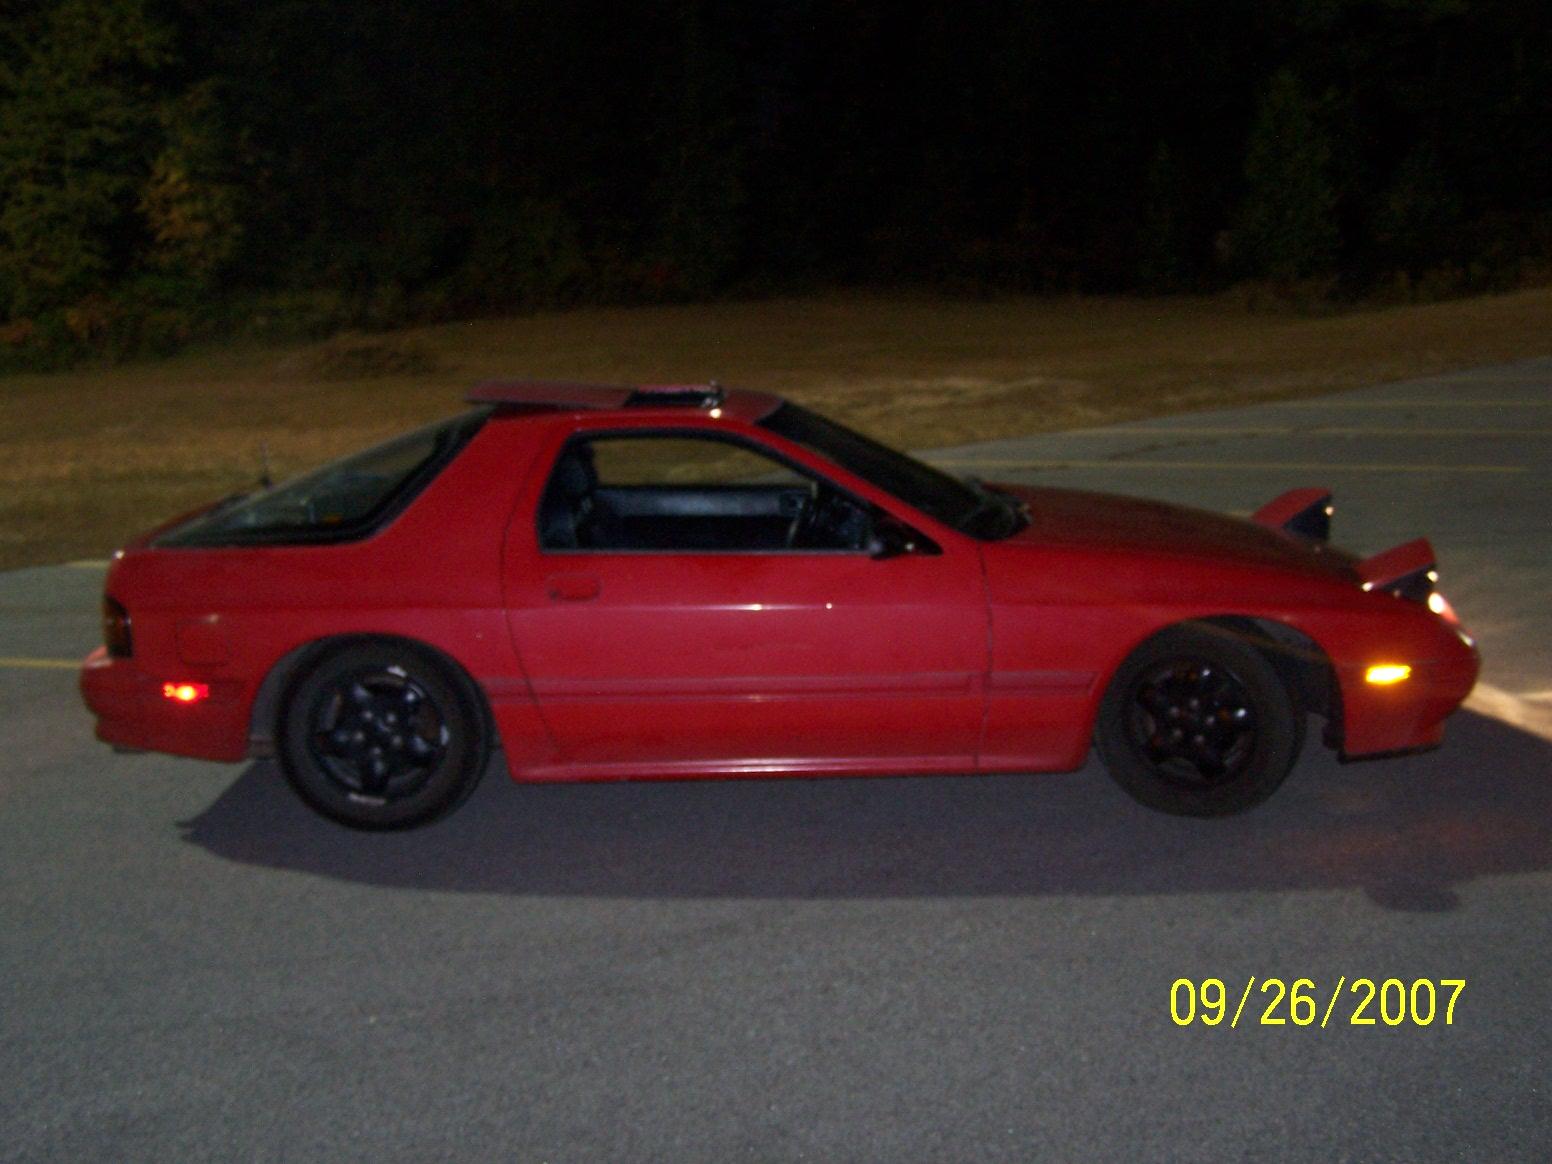 1990 Mazda RX-7 - Exterior Pictures - CarGurus